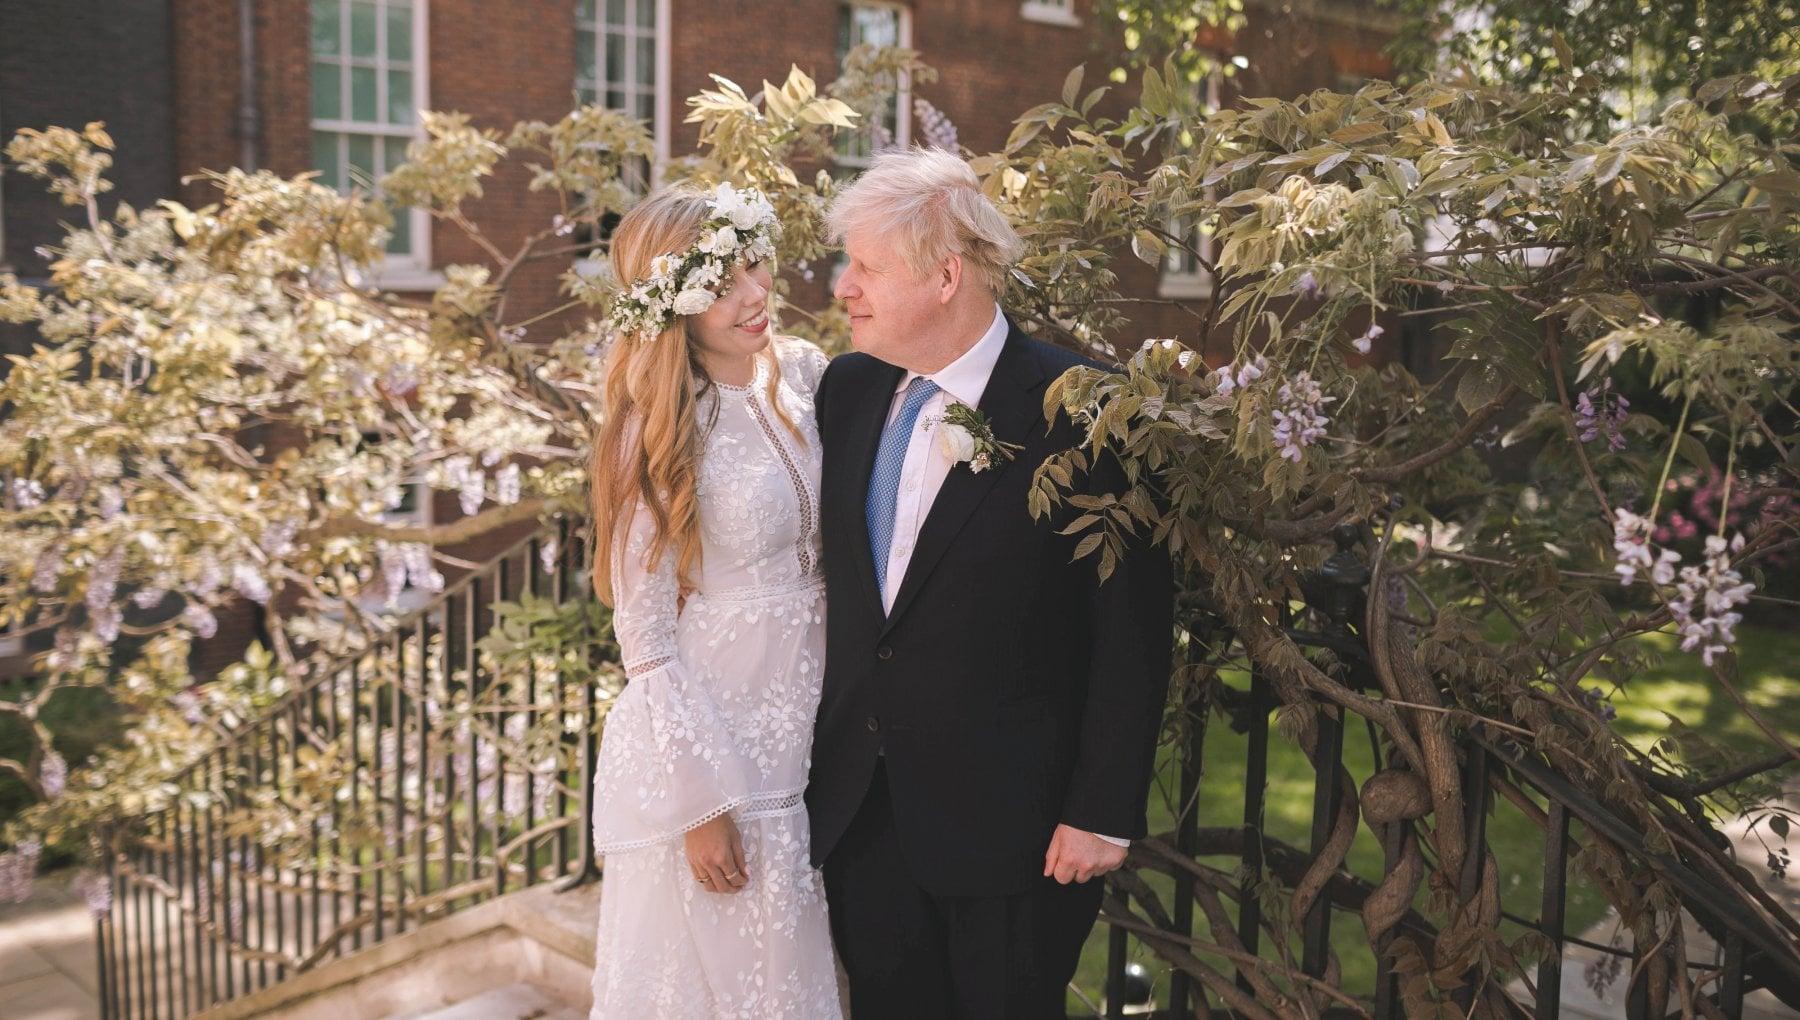 151657432 ea12ba13 50f1 44cd 8d47 f3ed4bc90e06 - Londra, terze nozze in segreto per Boris Johnson. Con rito cattolico